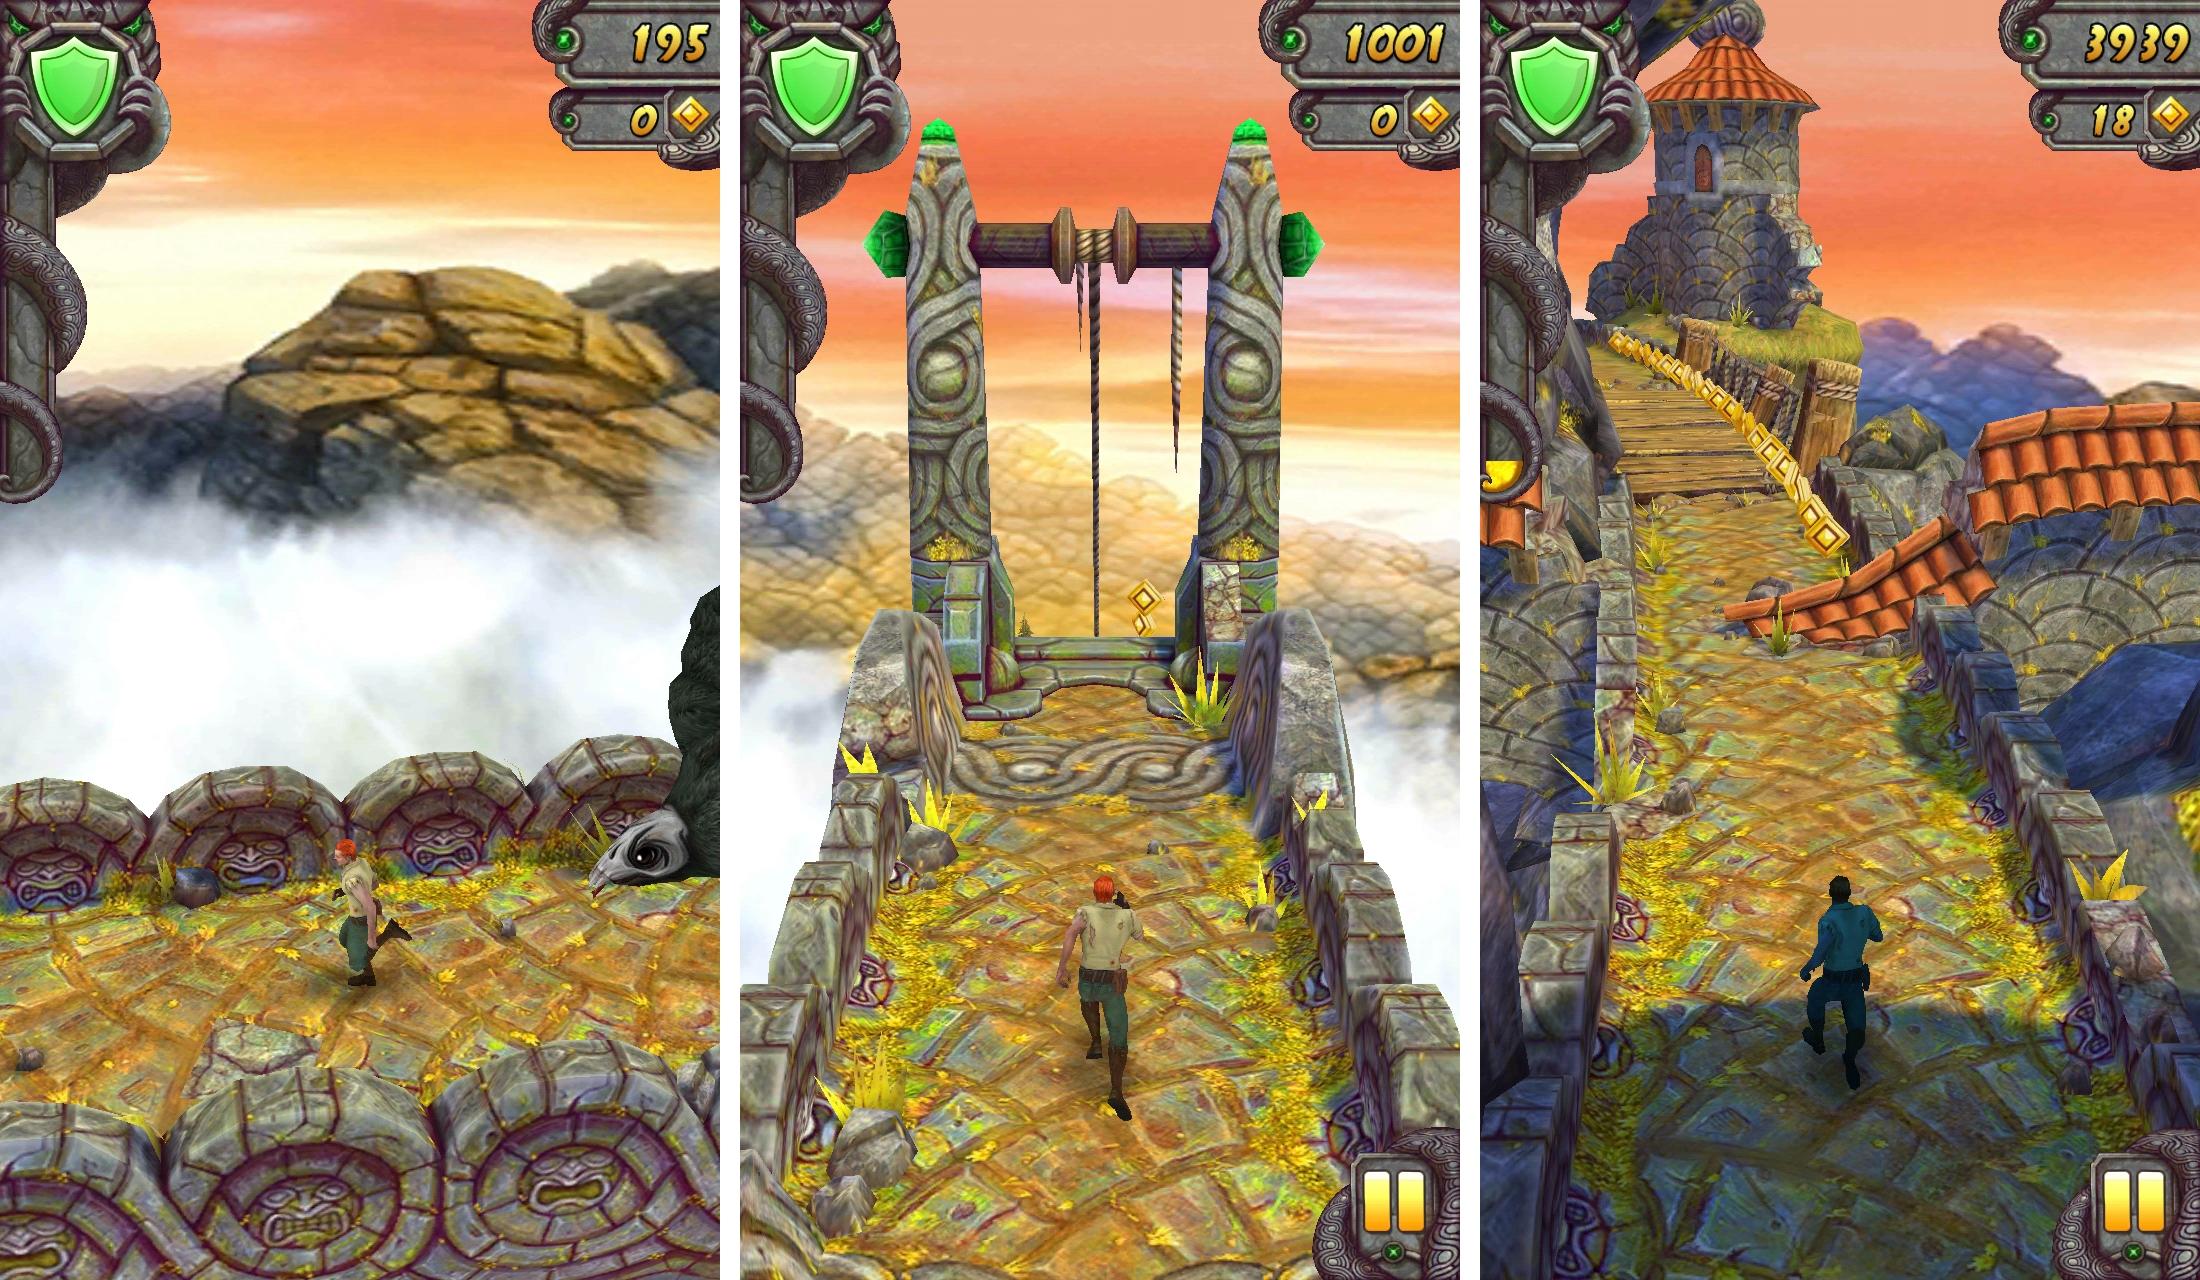 temple run kostenlos online spielen